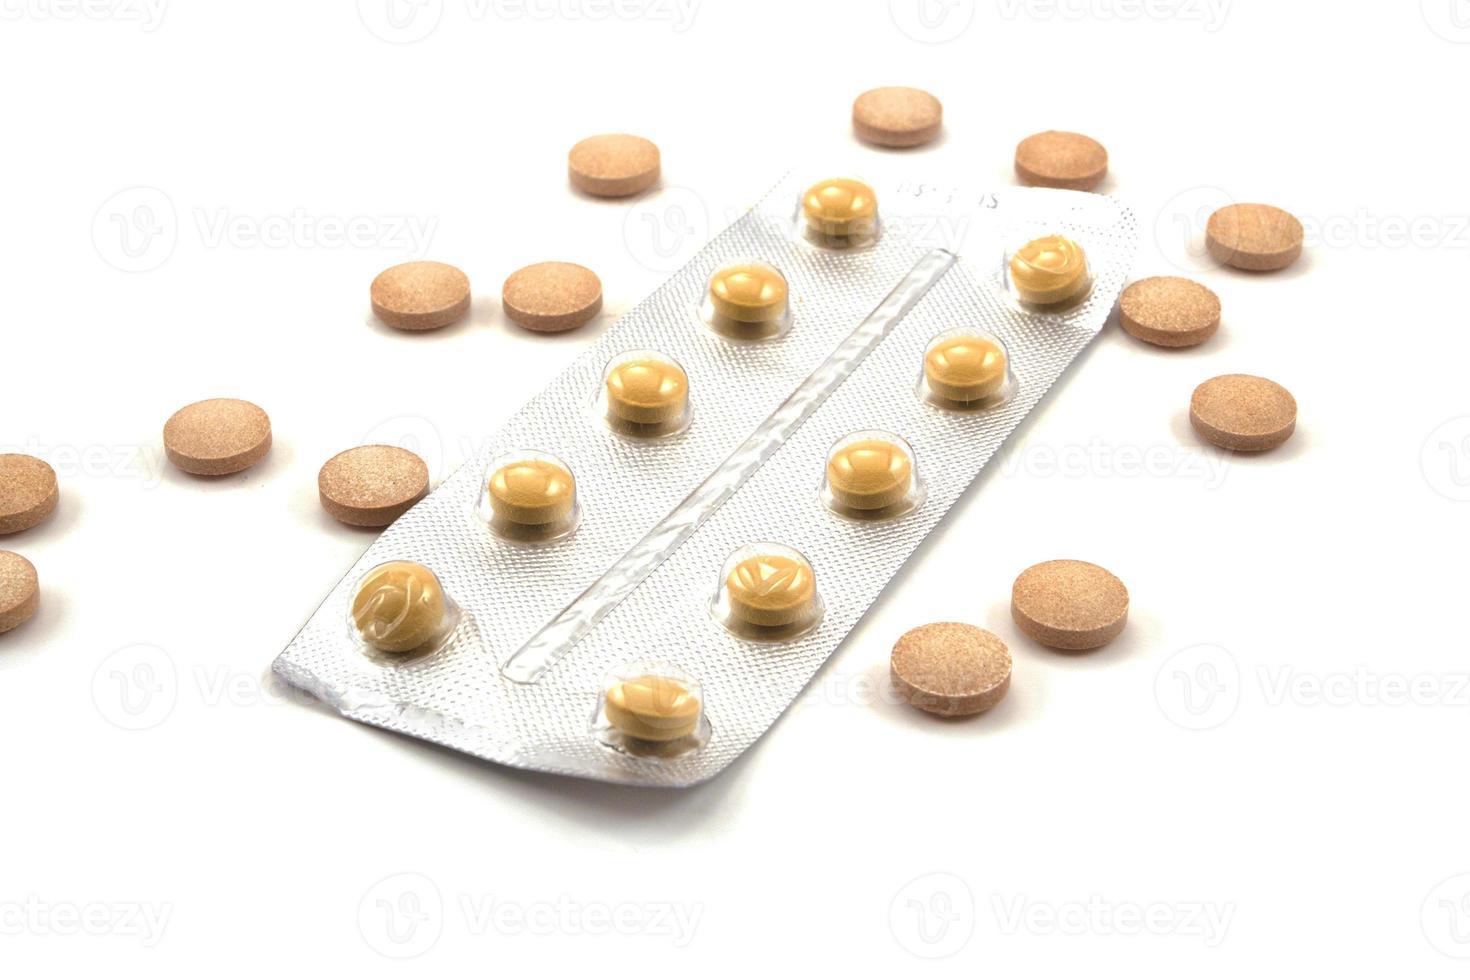 medicamentos sobre fondo blanco foto